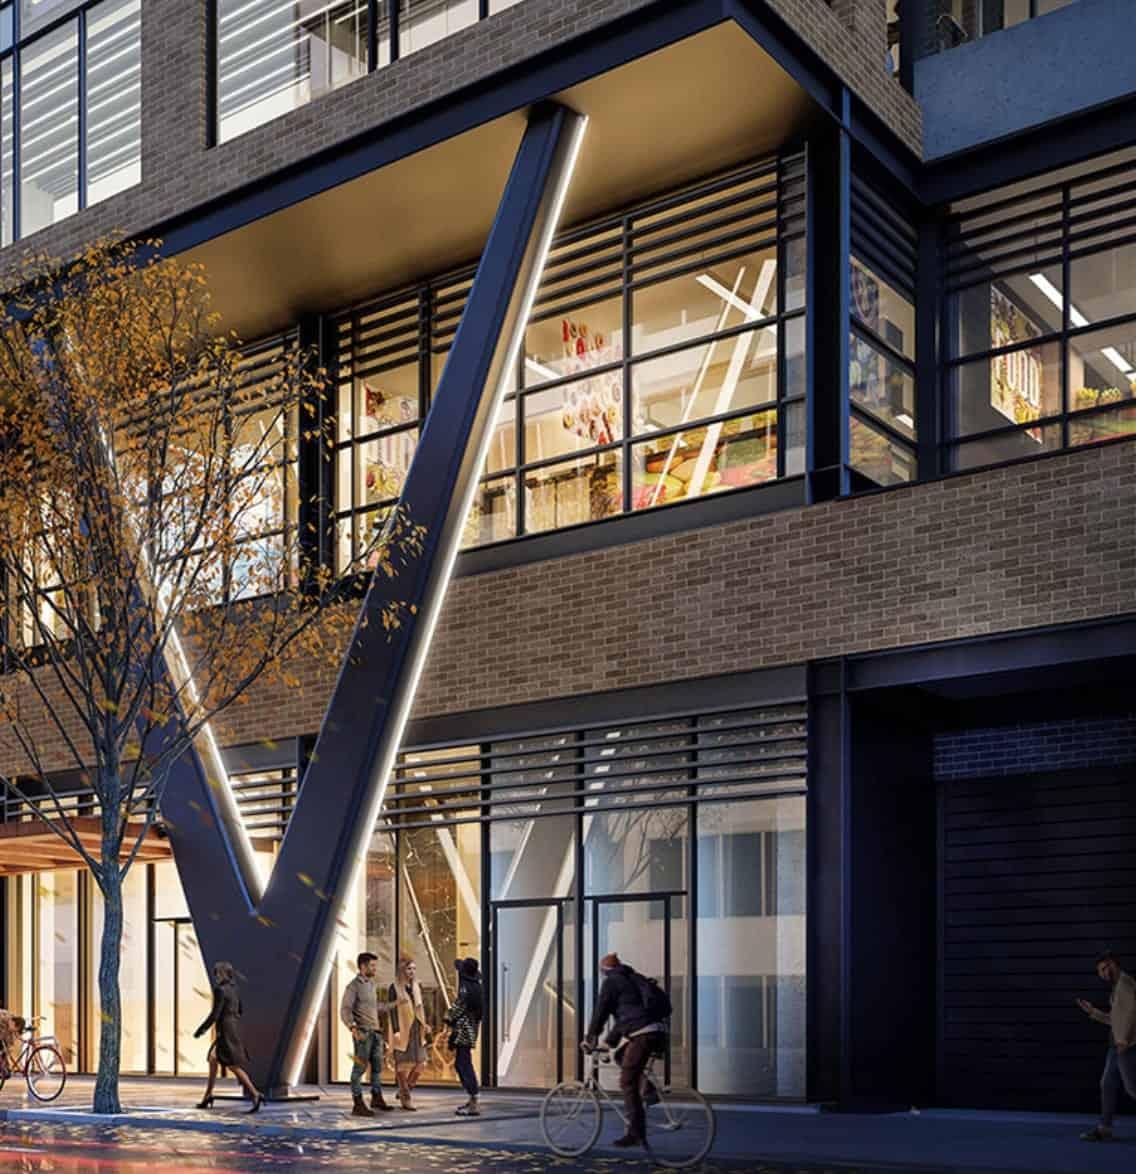 Peter and Adelaide Condos Exterior Building Street Level True Condos